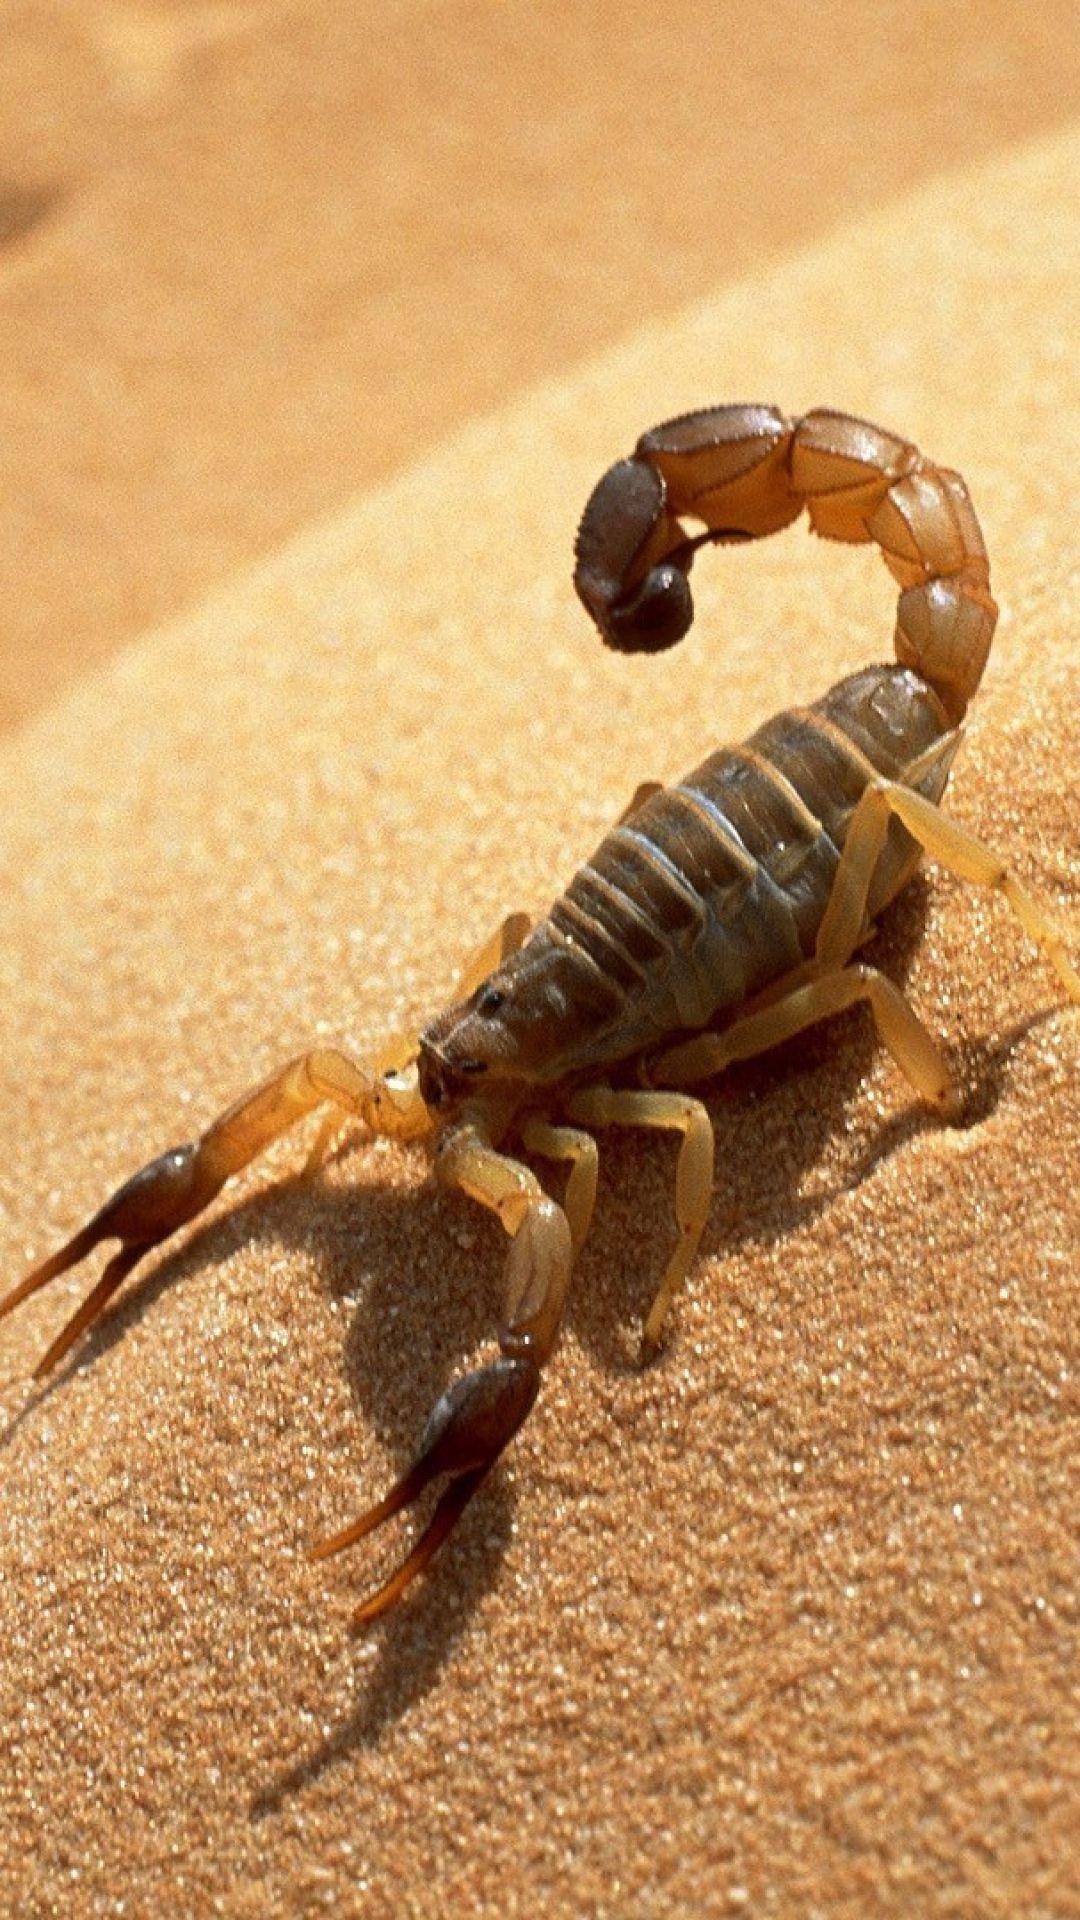 ˚Scorpion Scorpion, Animals, Beautiful bugs